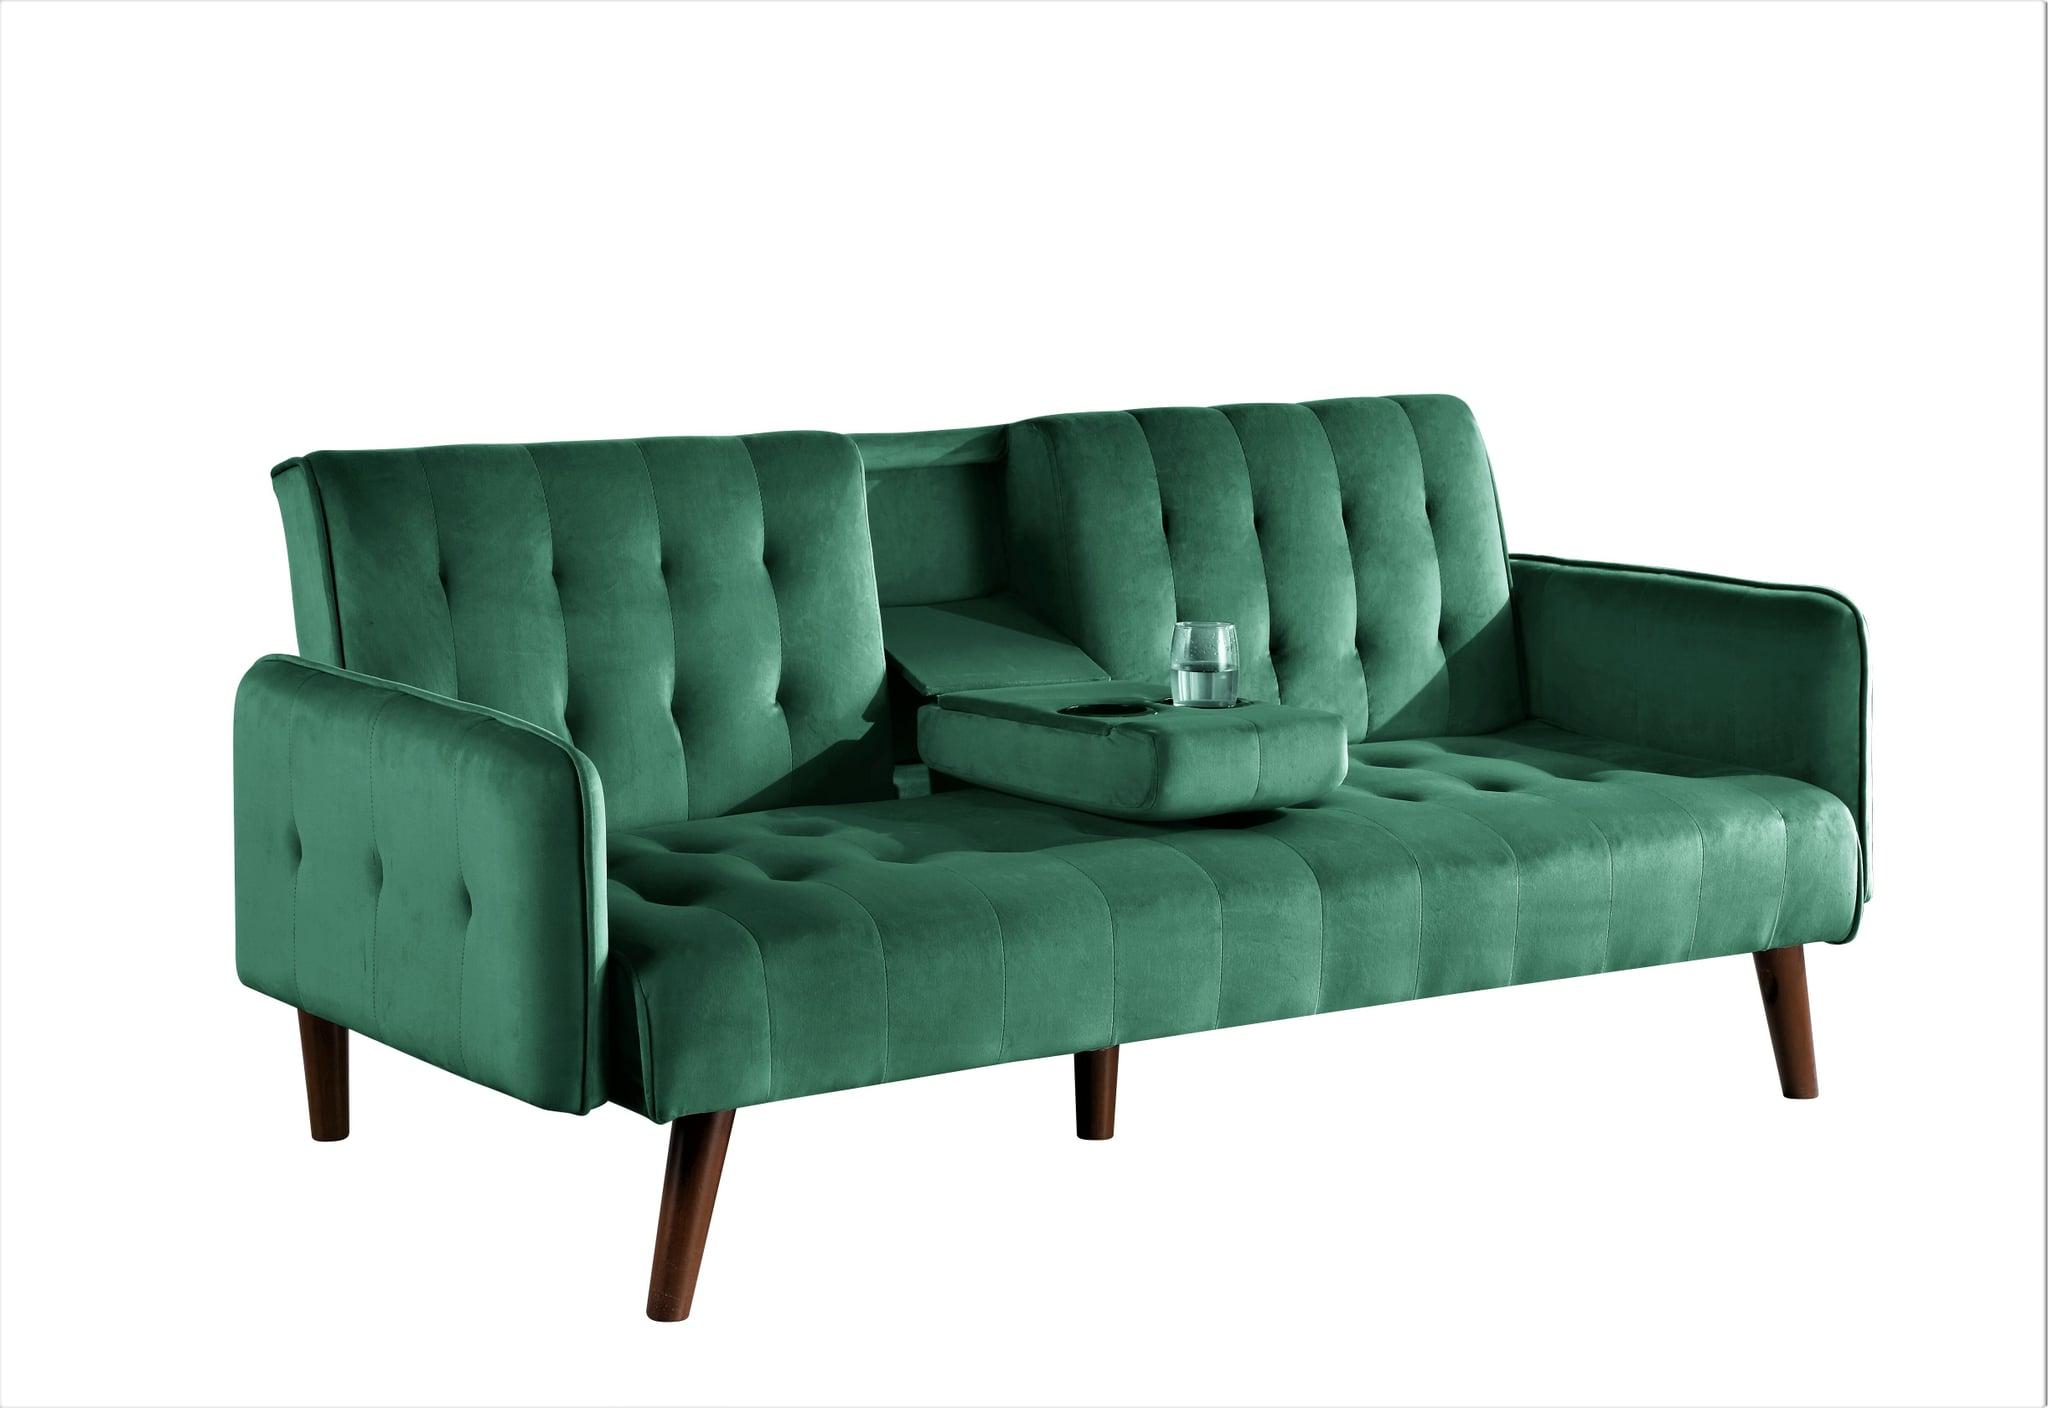 The Best Velvet Sofas From Wayfair Popsugar Home